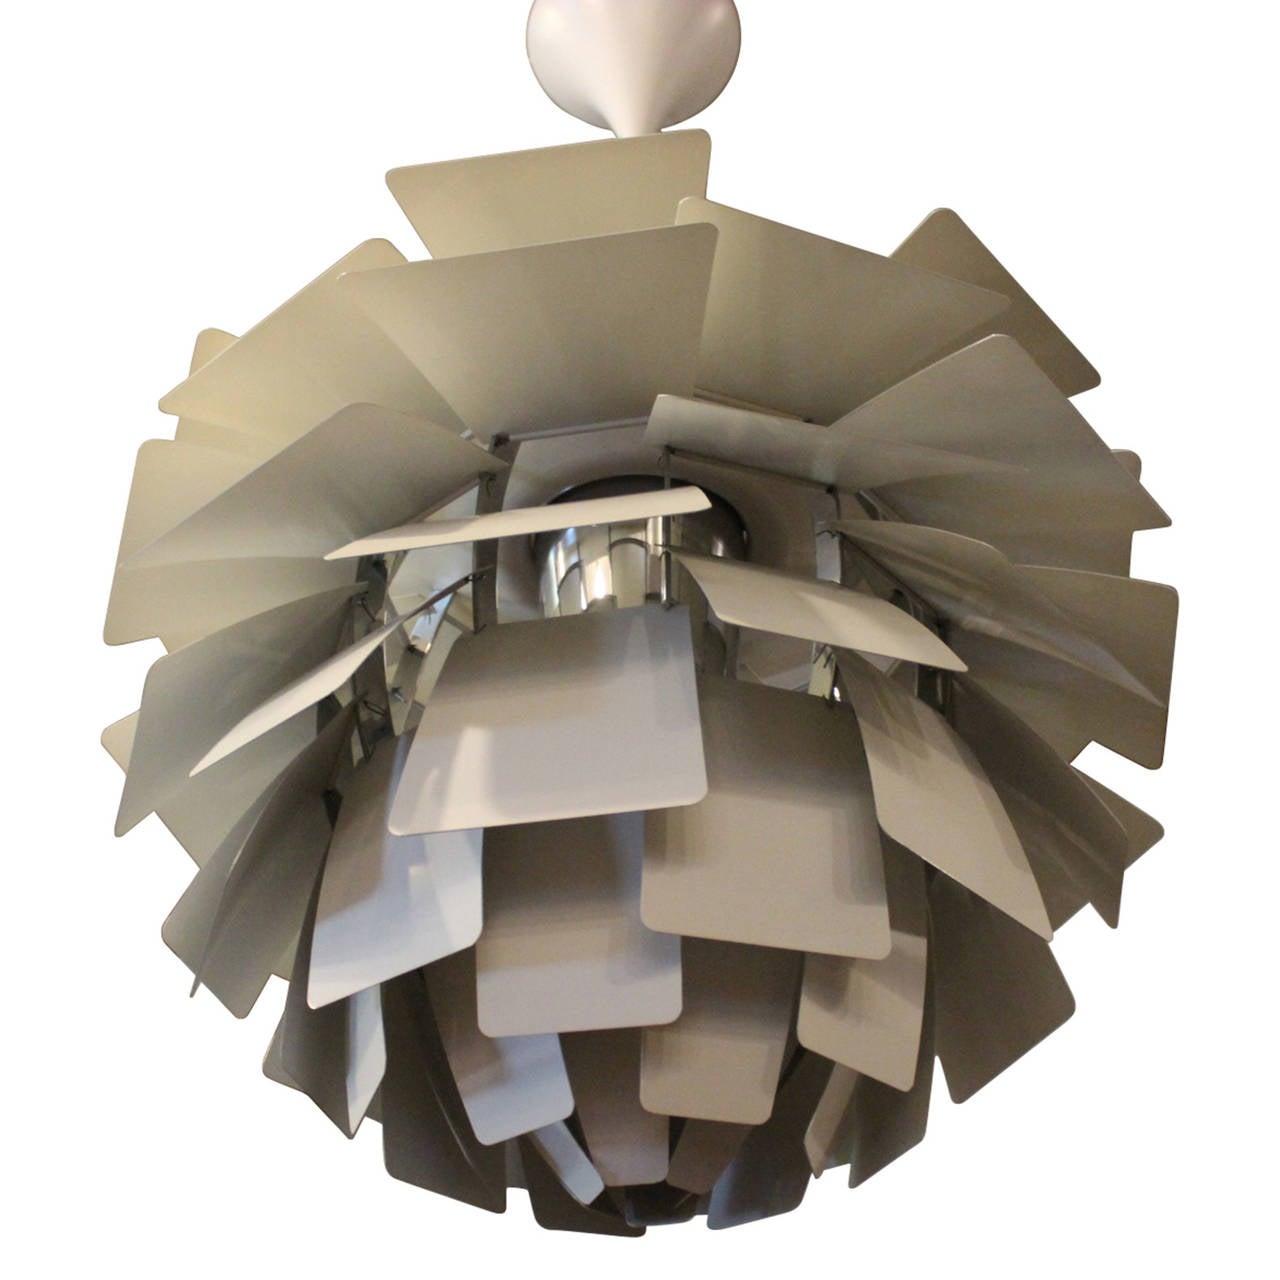 Scandinavian Modern Artichoke Pendant Designed by Poul Henningsen For Sale